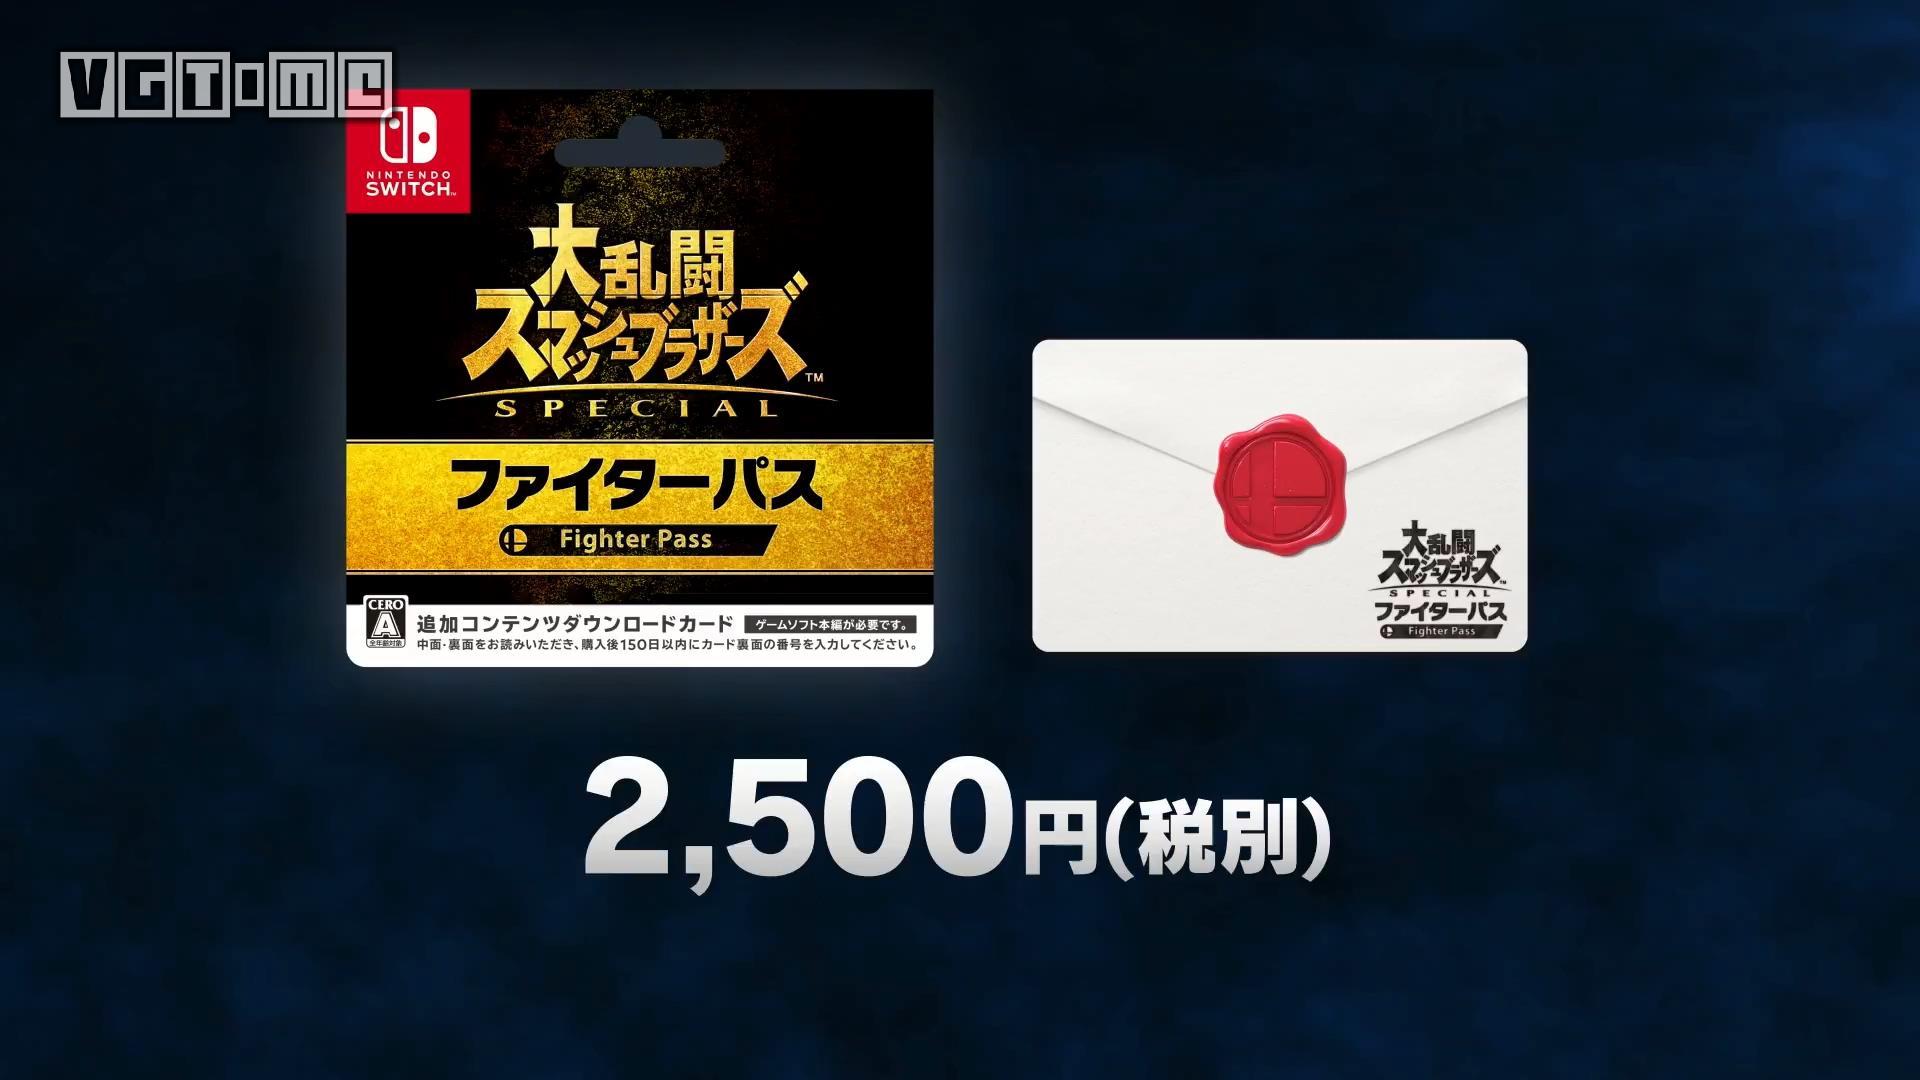 《任天堂明星大乱斗 特别版》「斗士通行证」公布 包含五名新角色